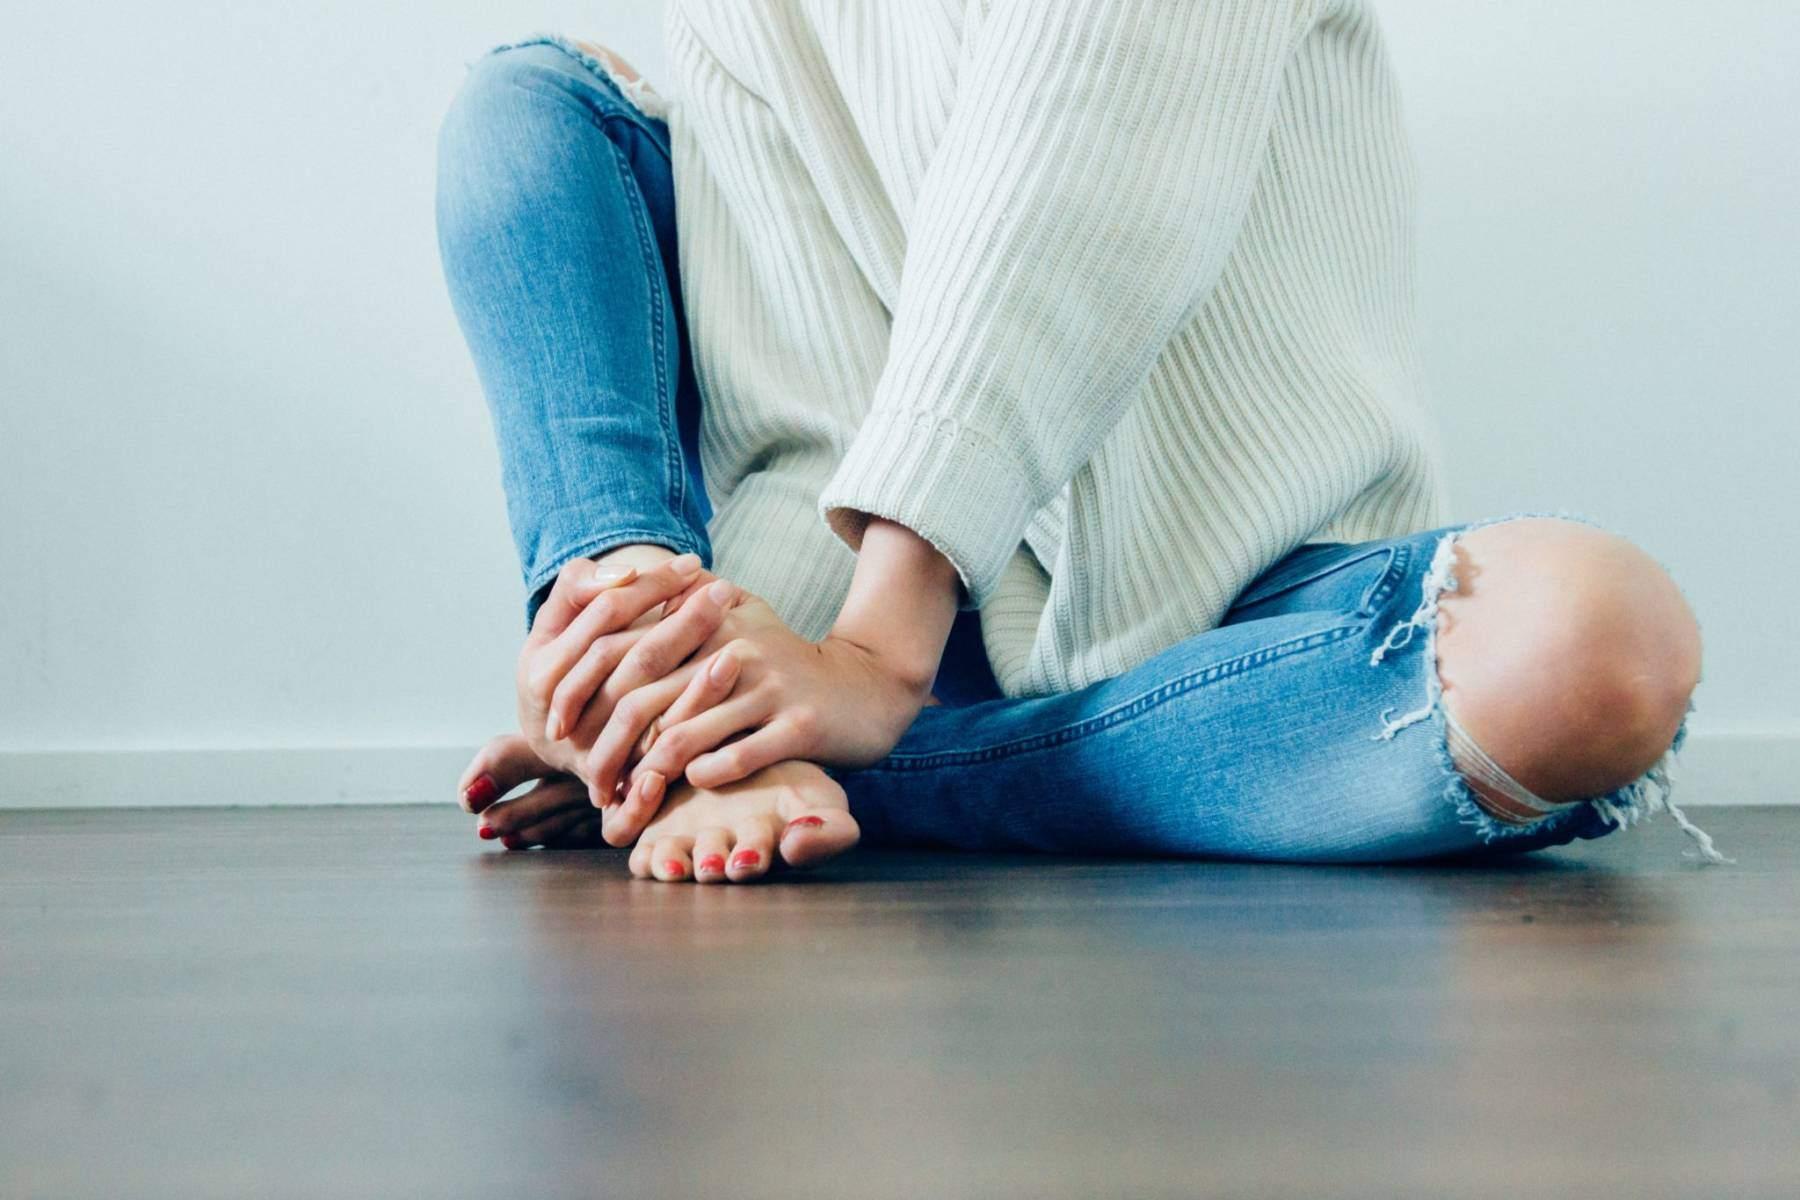 Dlaczego obcasy szkodzą Twoim stopom?